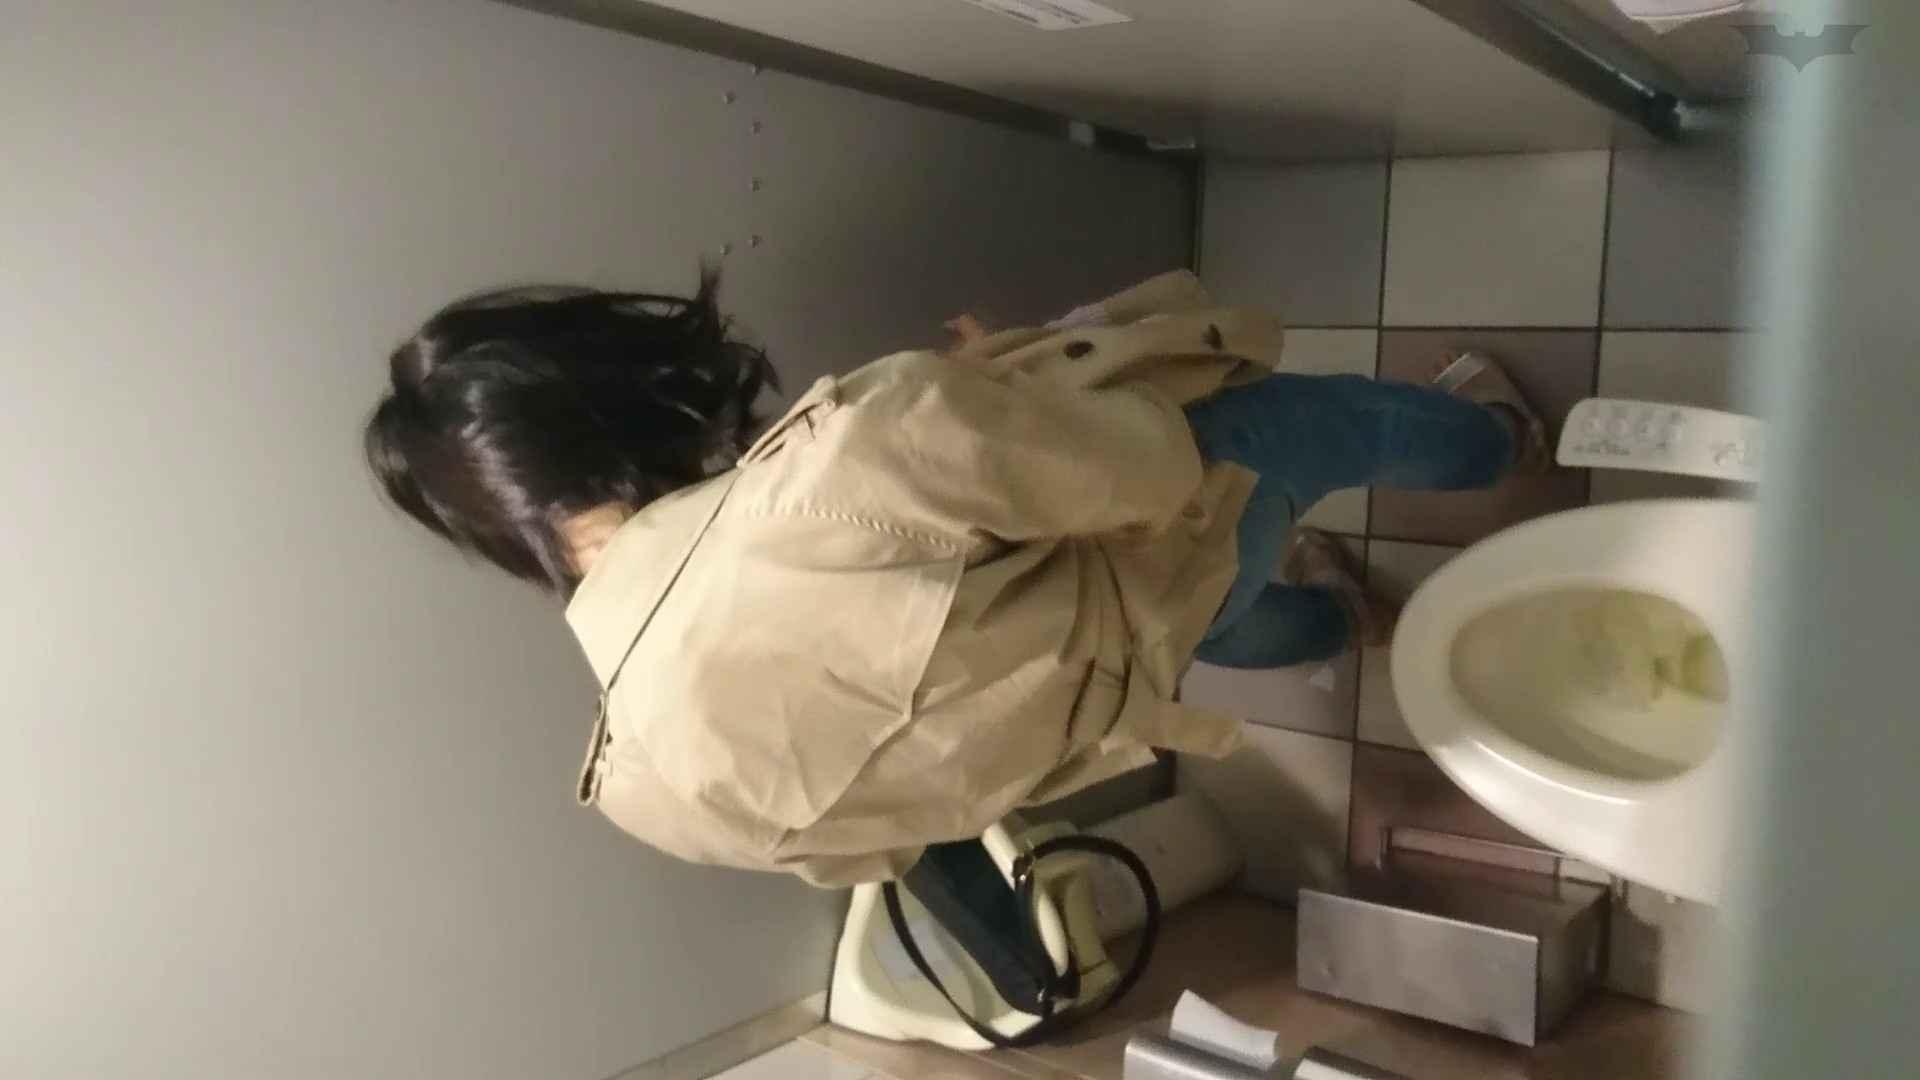 化粧室絵巻 ショッピングモール編 VOL.22 いやらしいOL  46連発 8